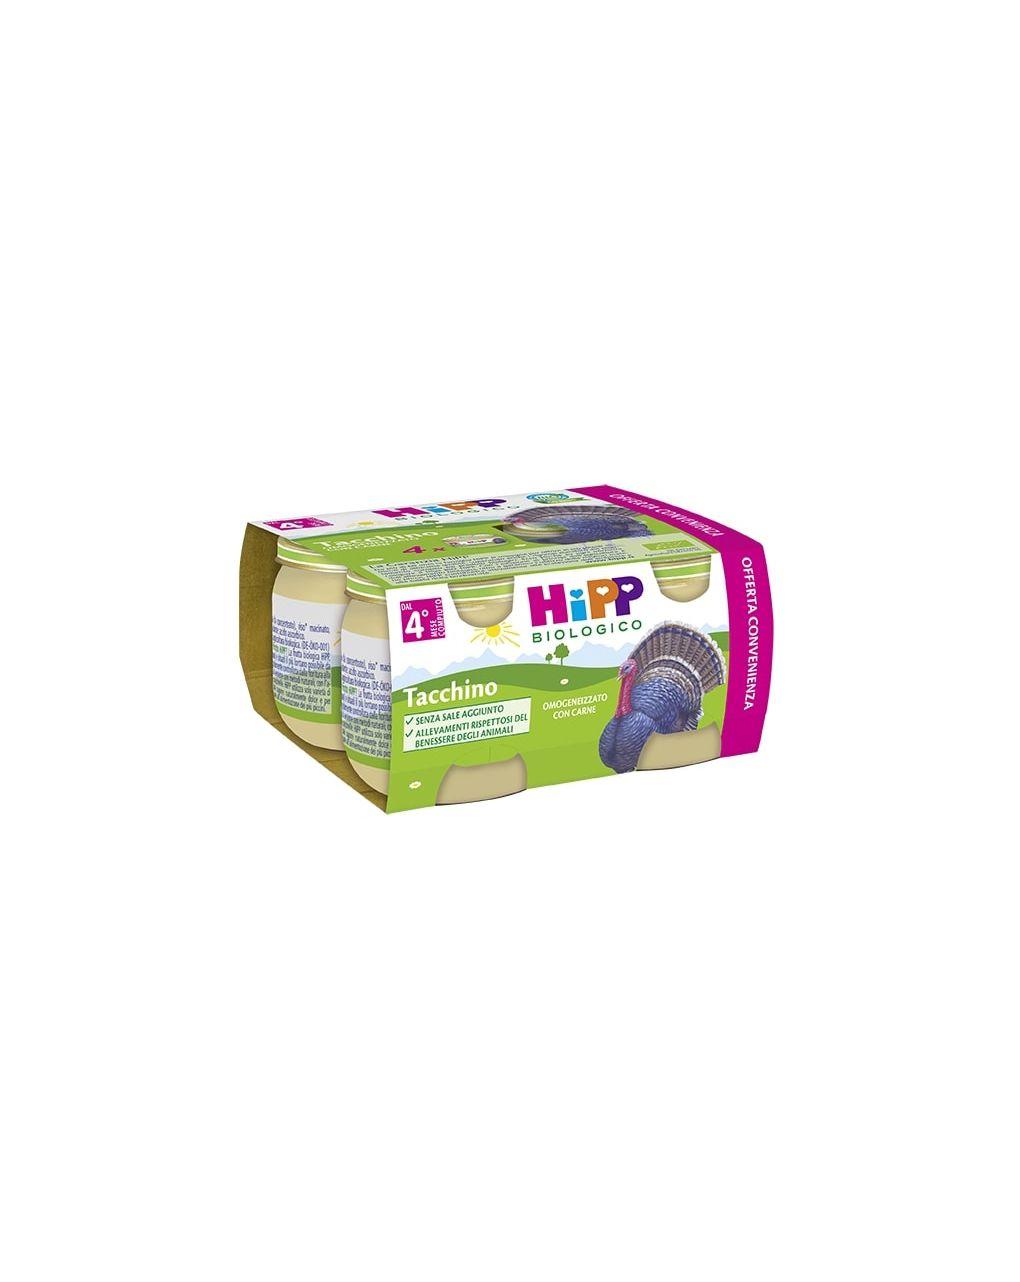 Hipp - omogeneizzato tacchino 4x80g - Hipp